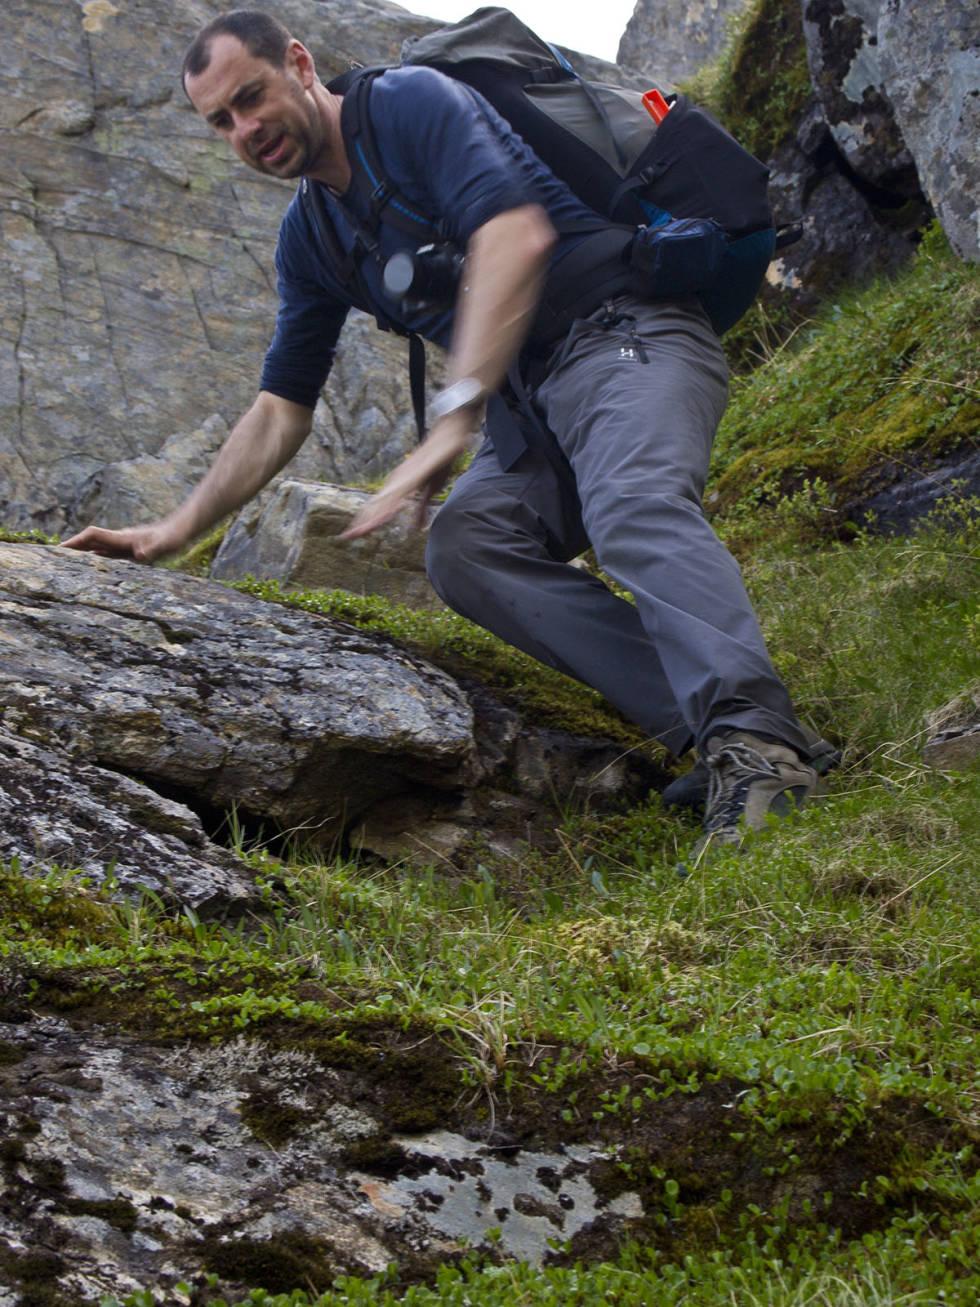 Mann går nedover i bratt fjellterreng